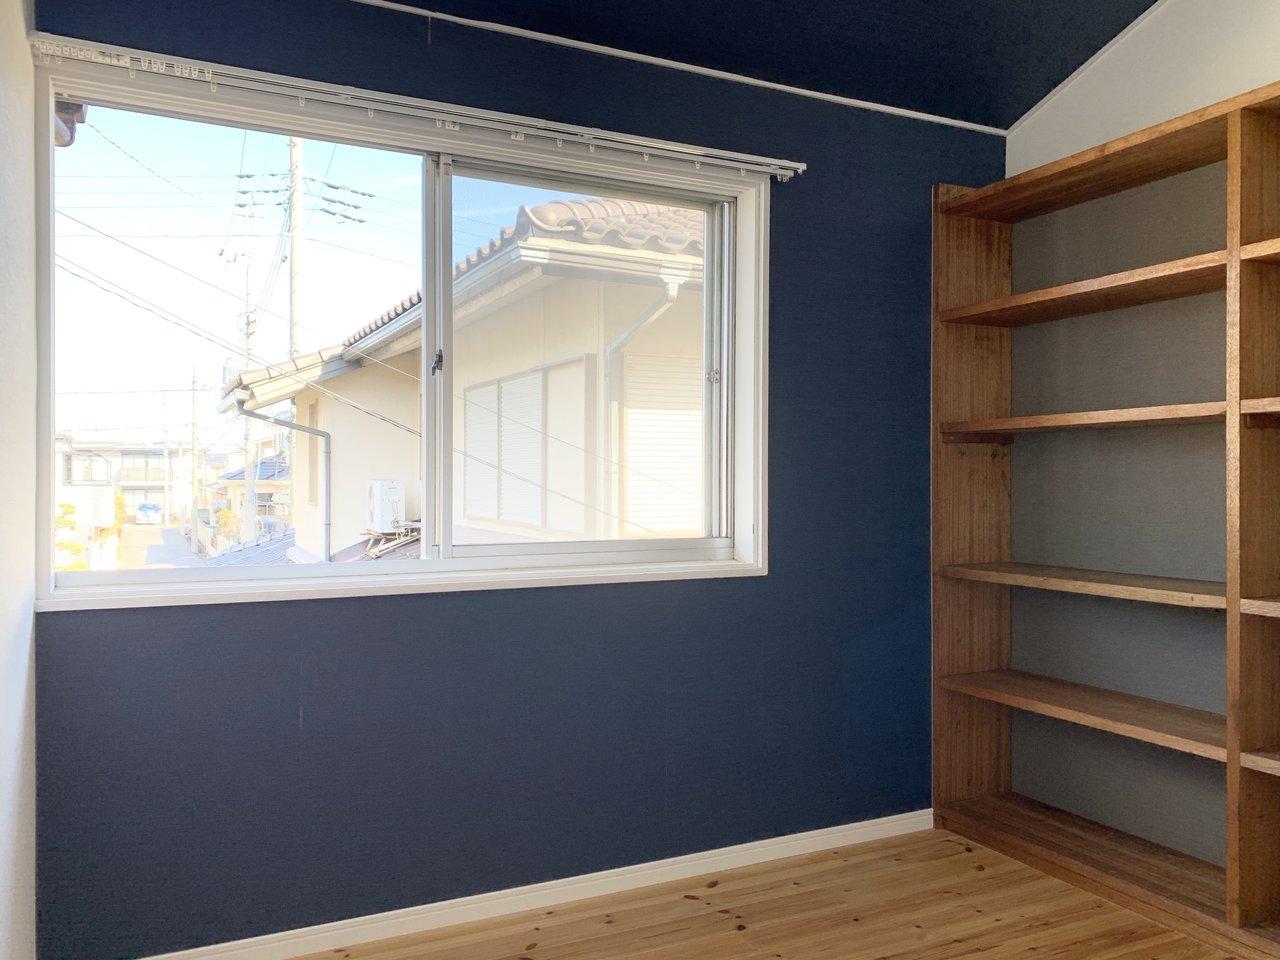 そしておすすめは、こちらの書斎。シックな色味の壁紙は、集中力も上がりそう。何より大容量の本棚つきなのがうれしい!窓もあるので、自然光の中で仕事が捗りそうですね。